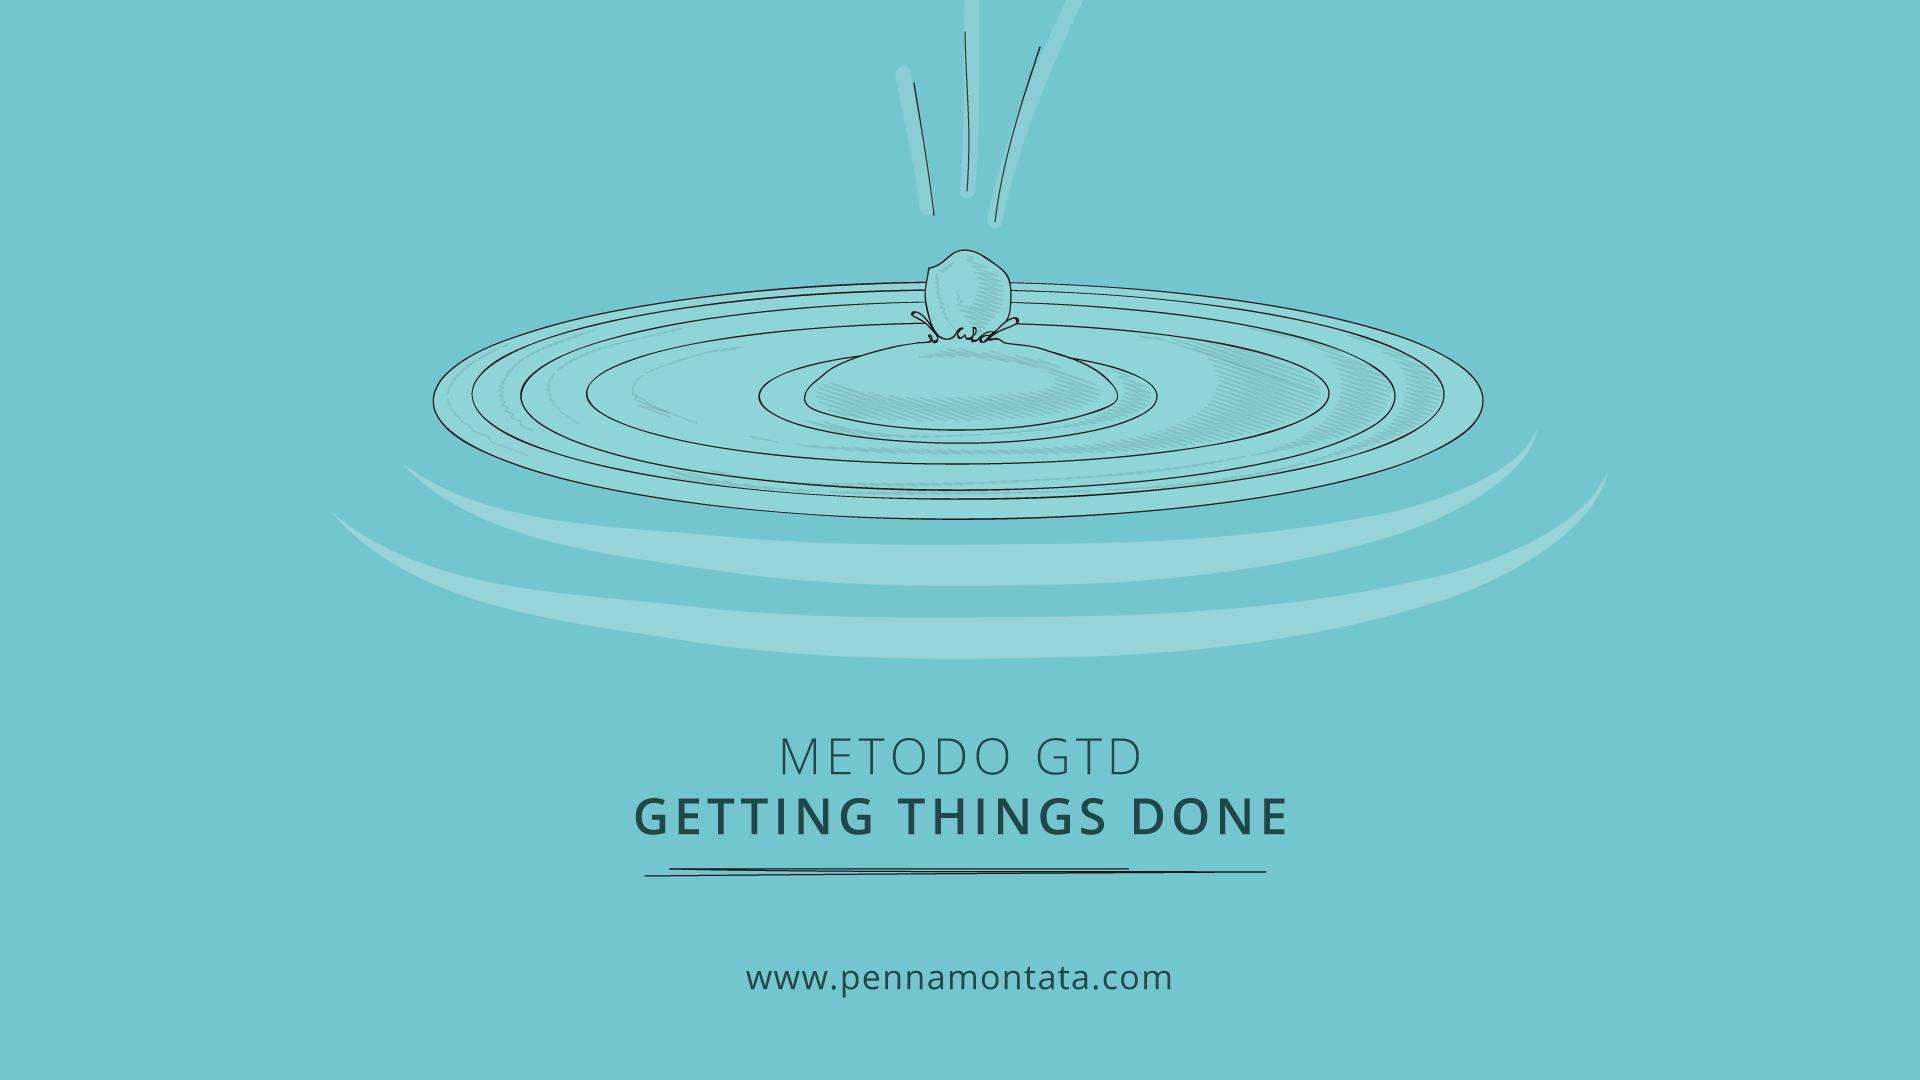 Metodo GTD